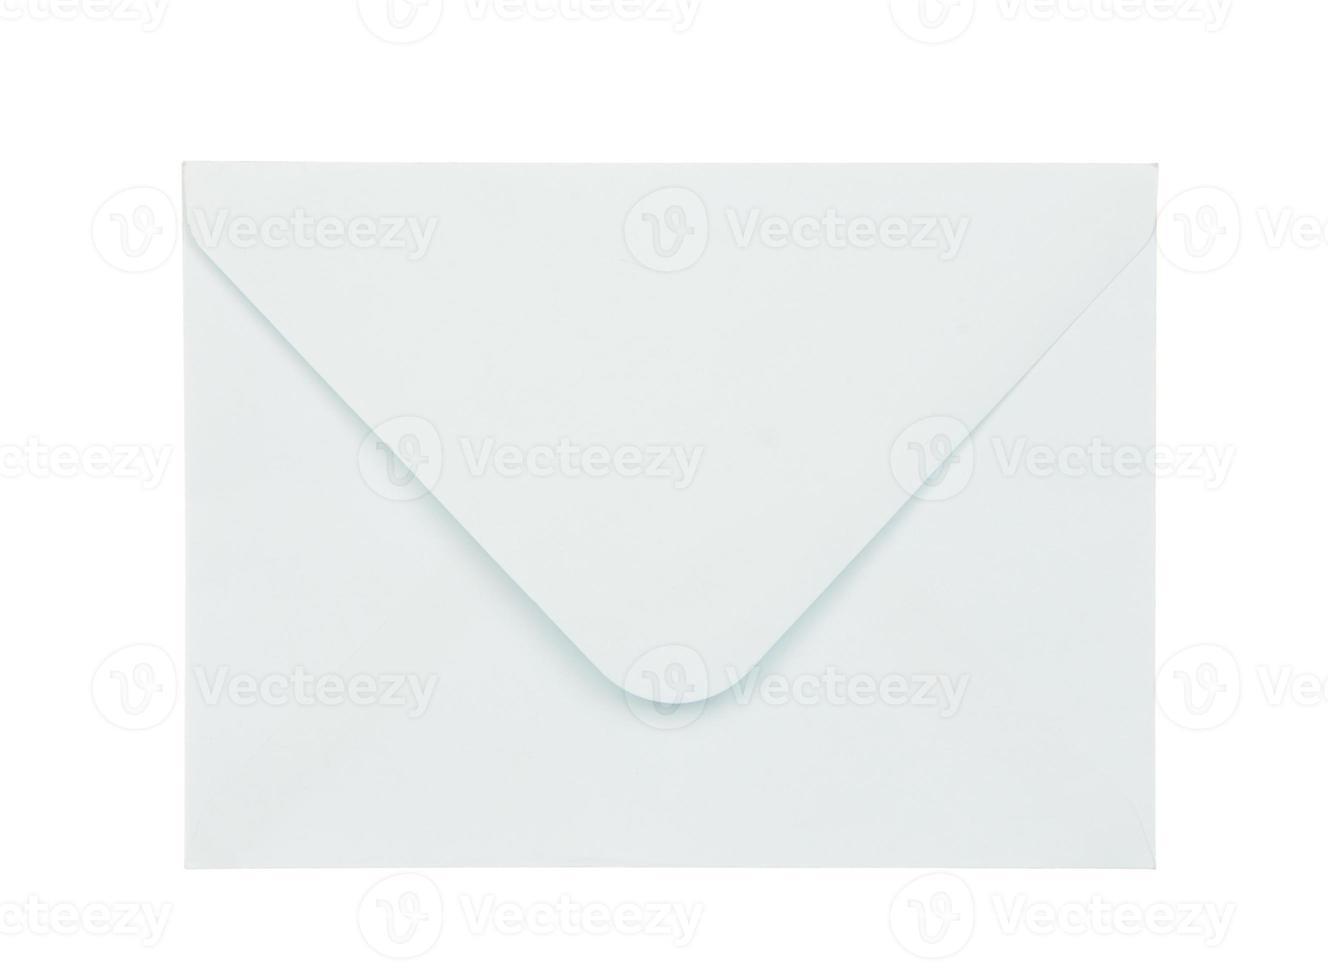 enveloppe isolé sur blanc photo